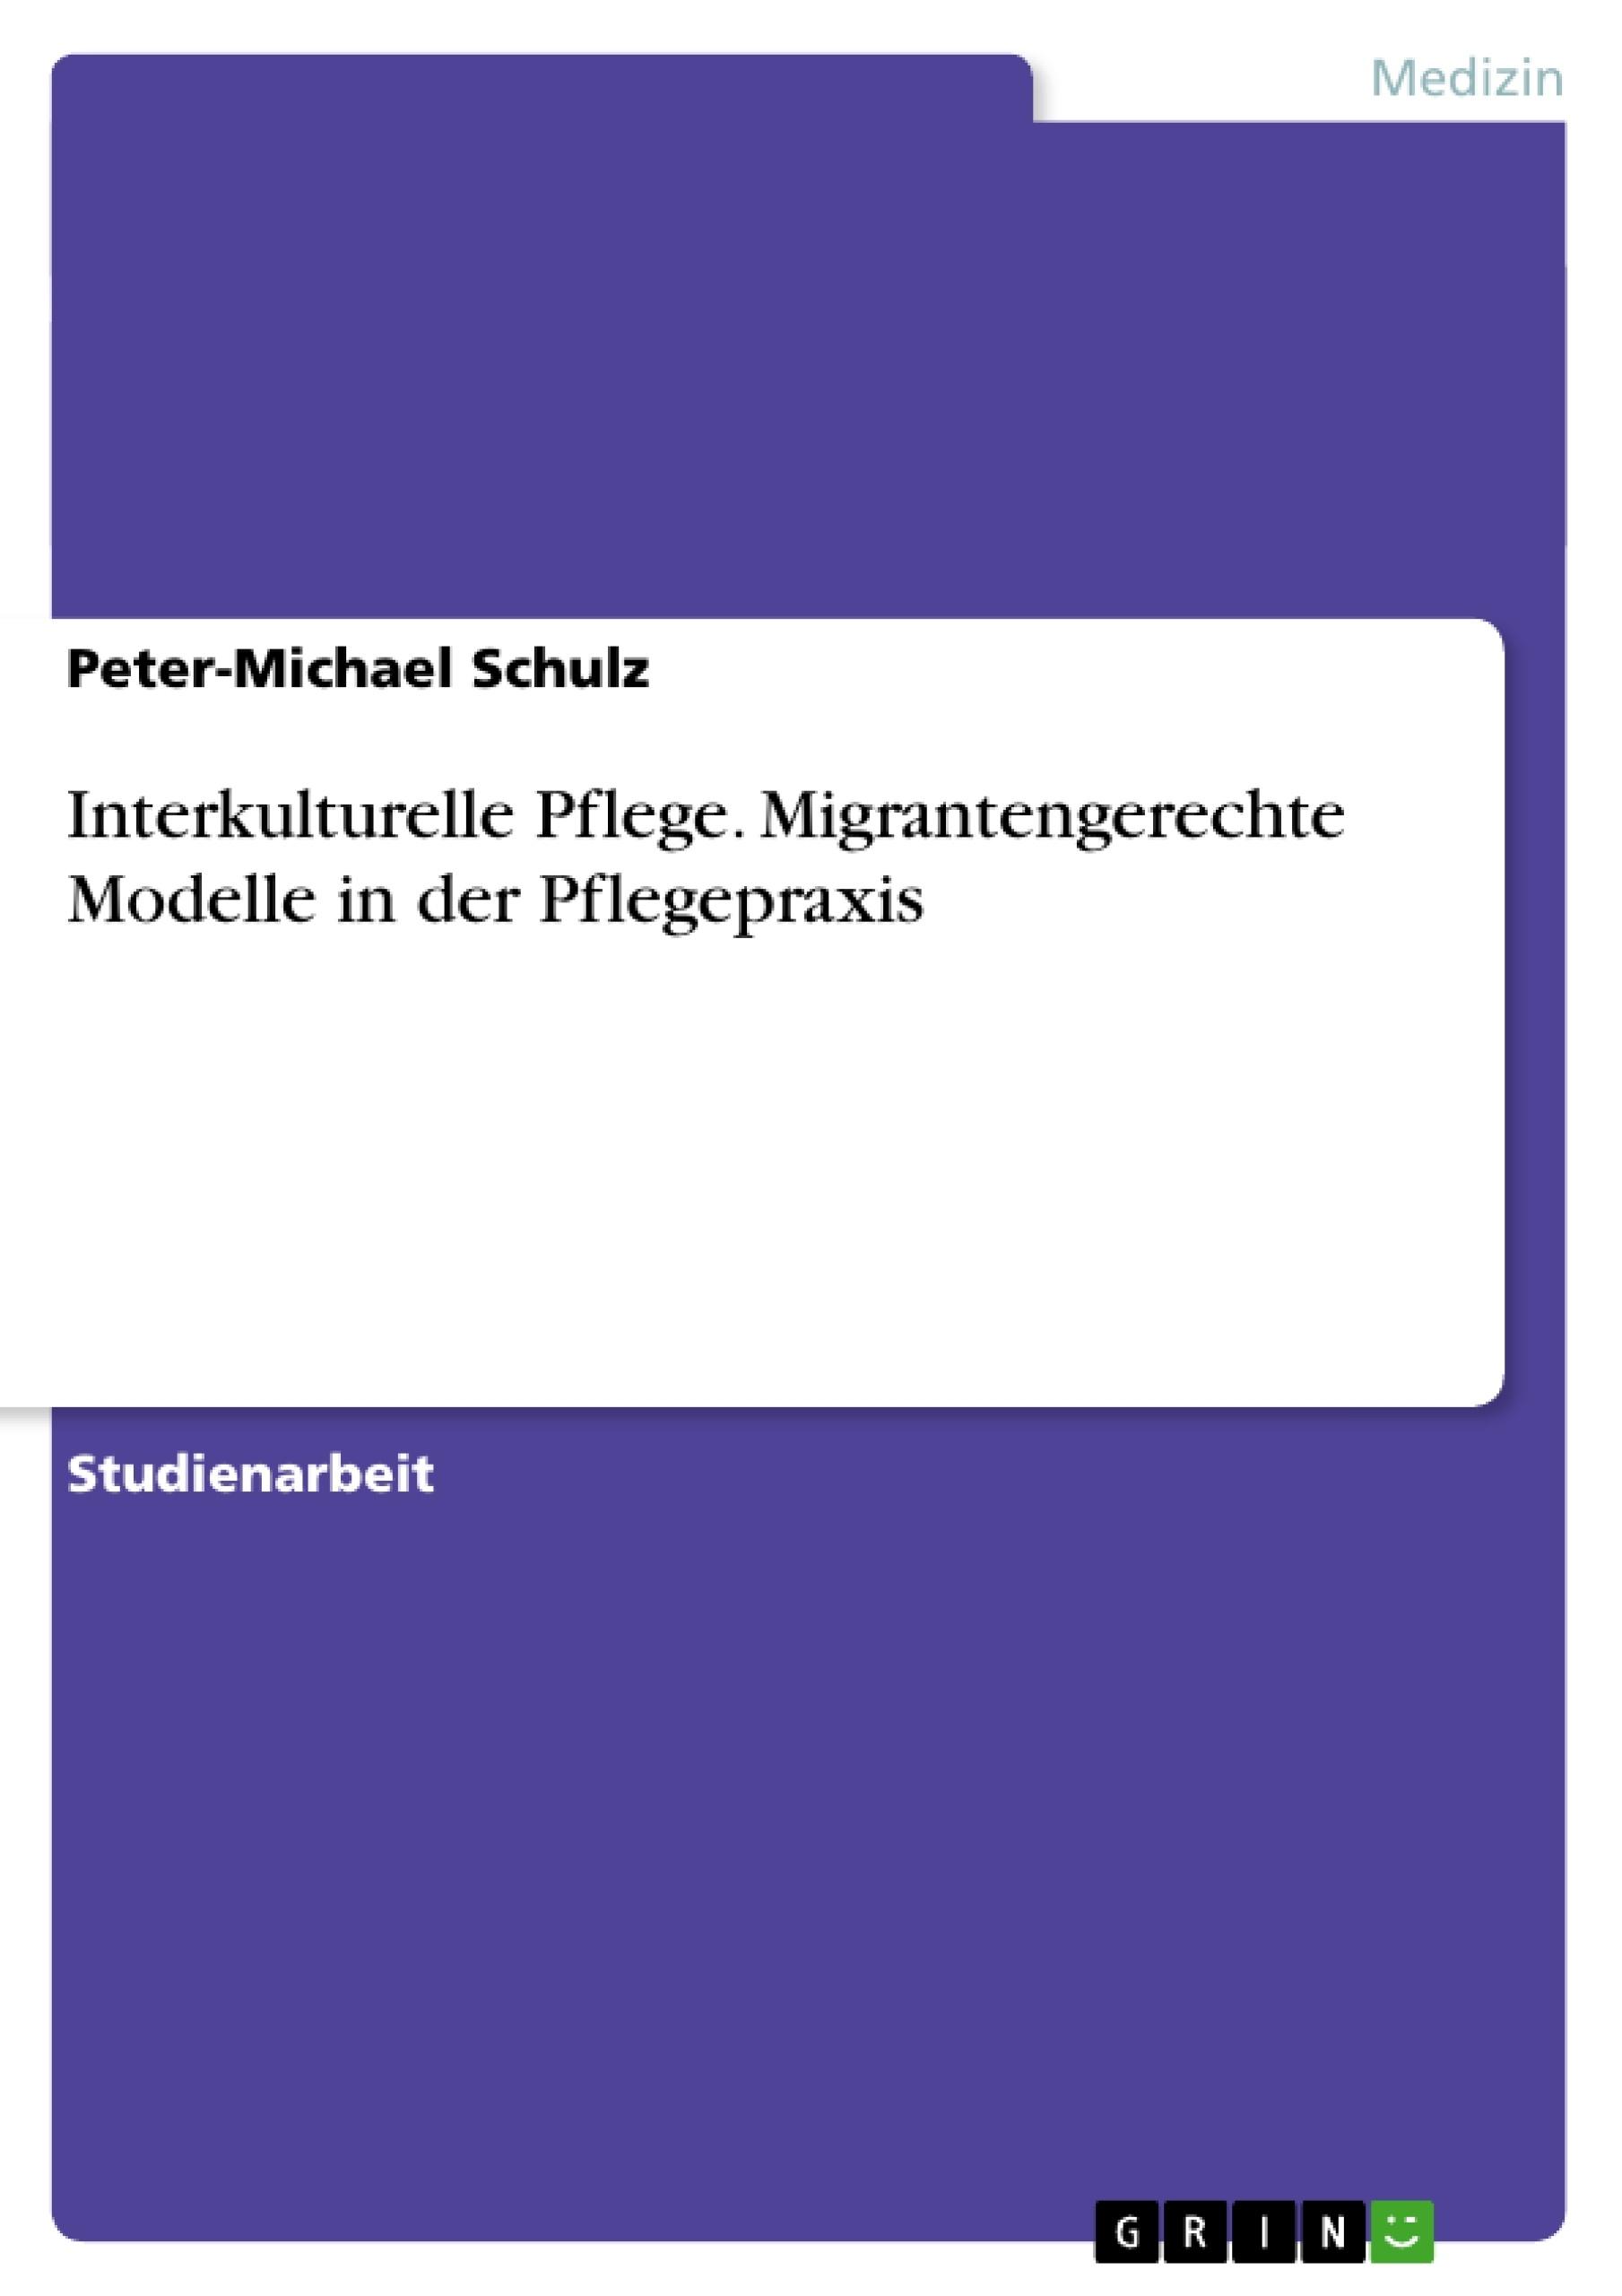 Titel: Interkulturelle Pflege. Migrantengerechte Modelle in der Pflegepraxis